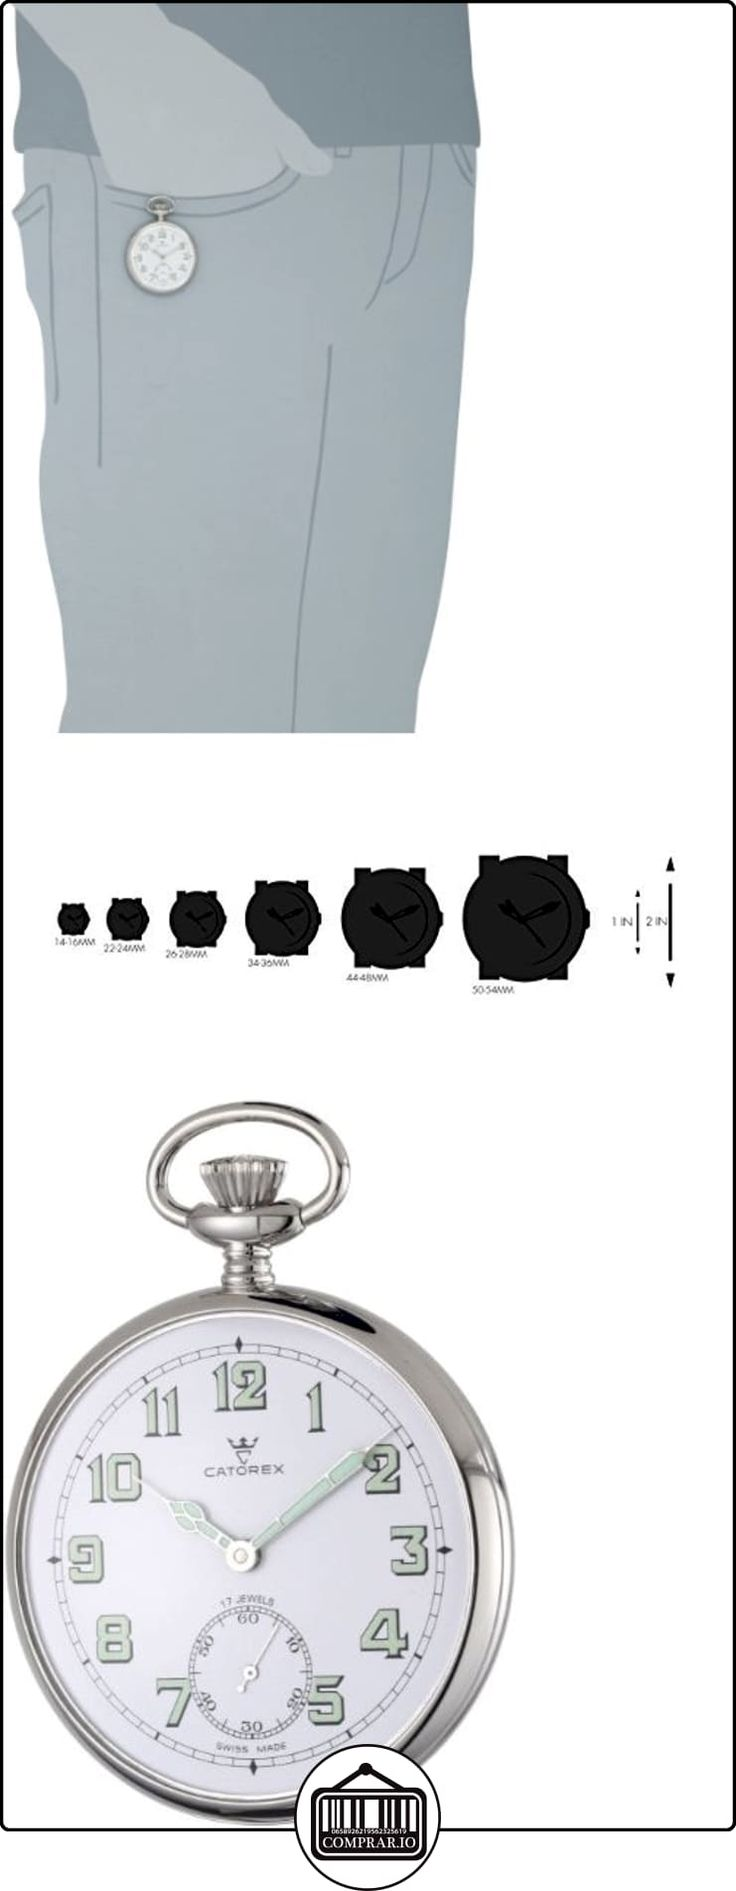 Catorex Reloj de caballero 170.1.1810.121 La Pautele Palladium Esfera Blanca Reloj de bolsillo  ✿ Relojes para hombre - (Lujo) ✿